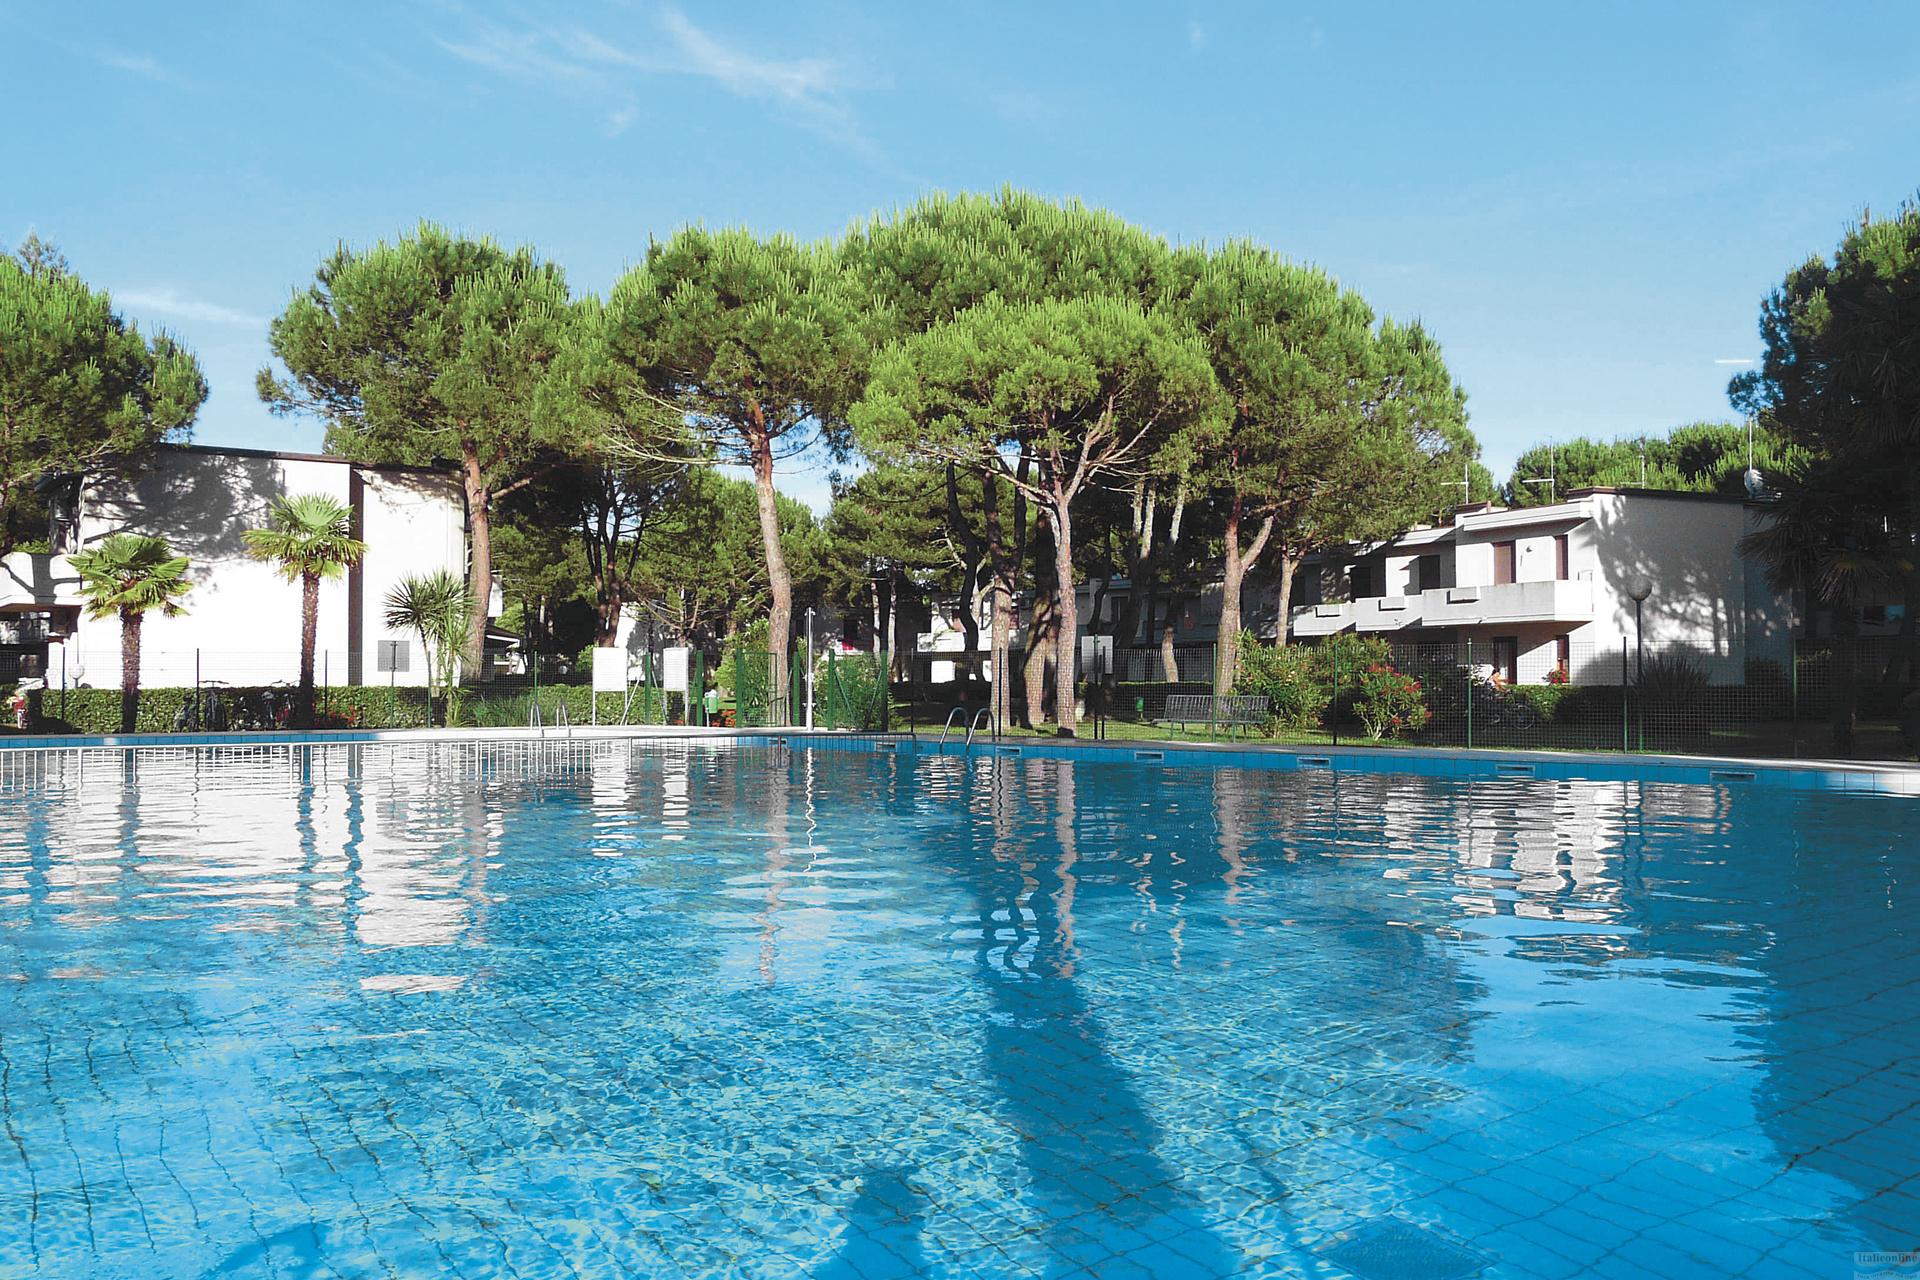 Villaggio white star bibione spiaggia italia italieonline for Piscina olimpia prezzi